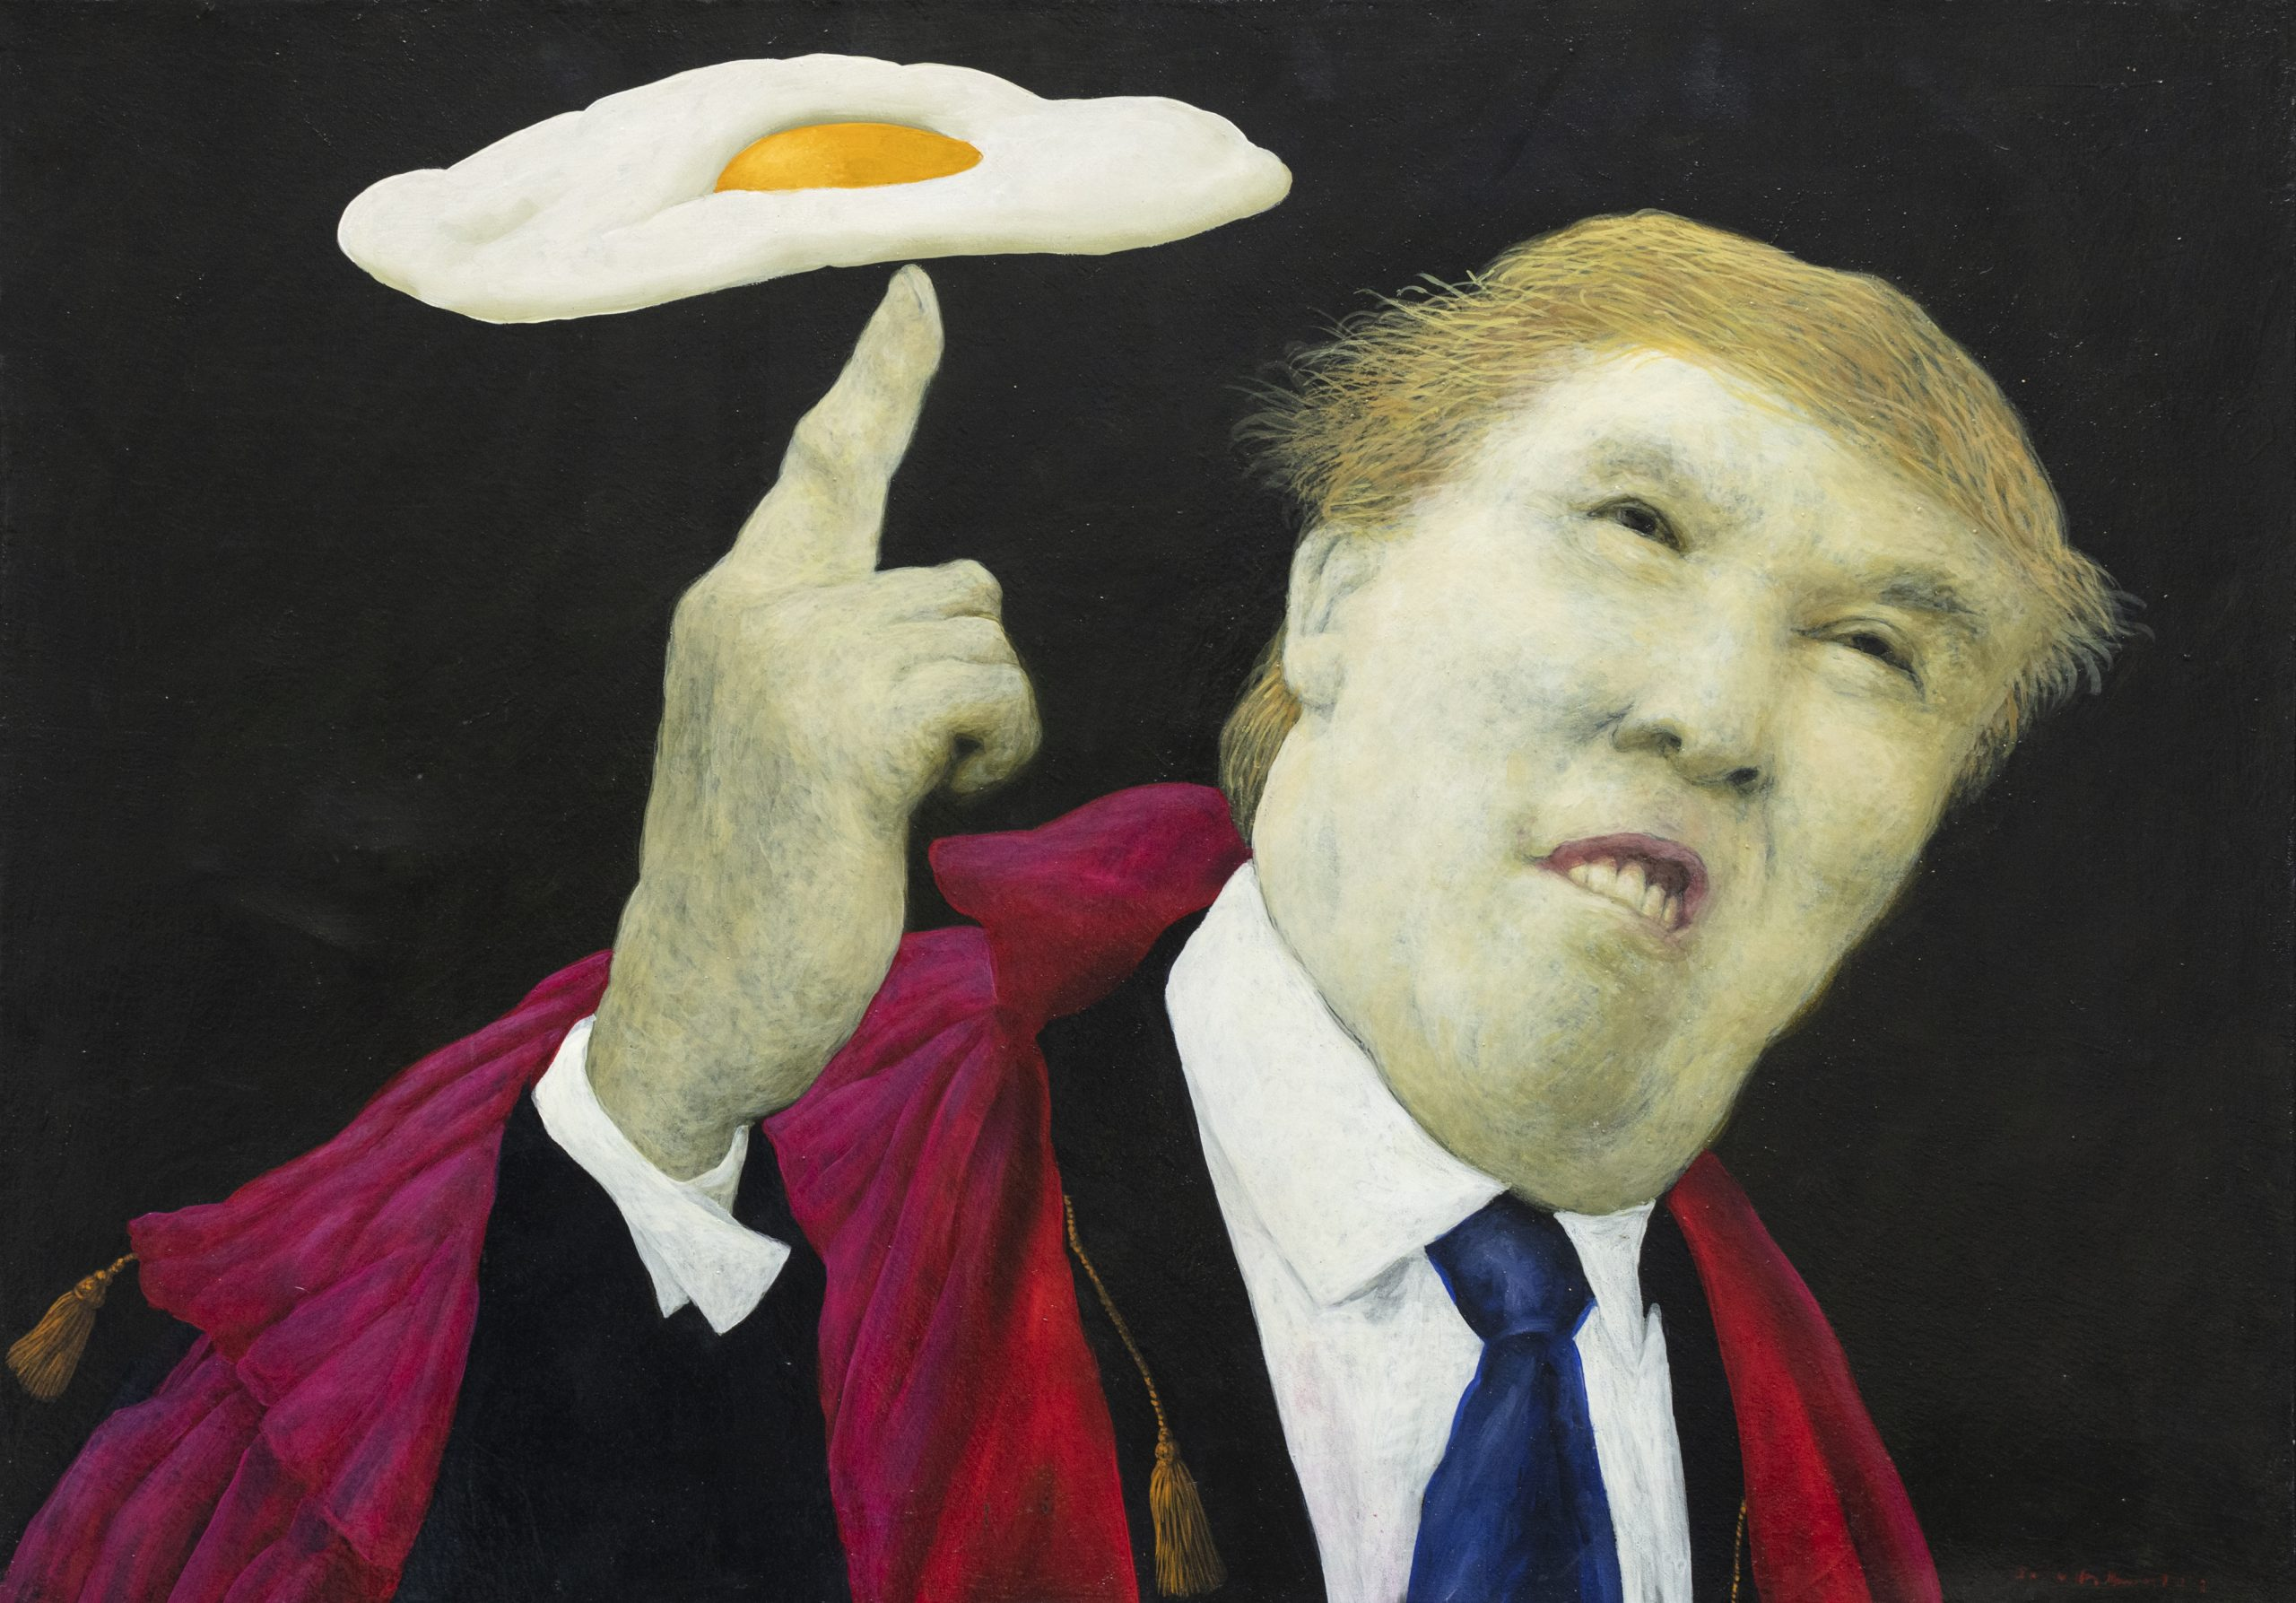 Retrato de Donald Trump_oleo sobre tela_50x71.5cm_2017